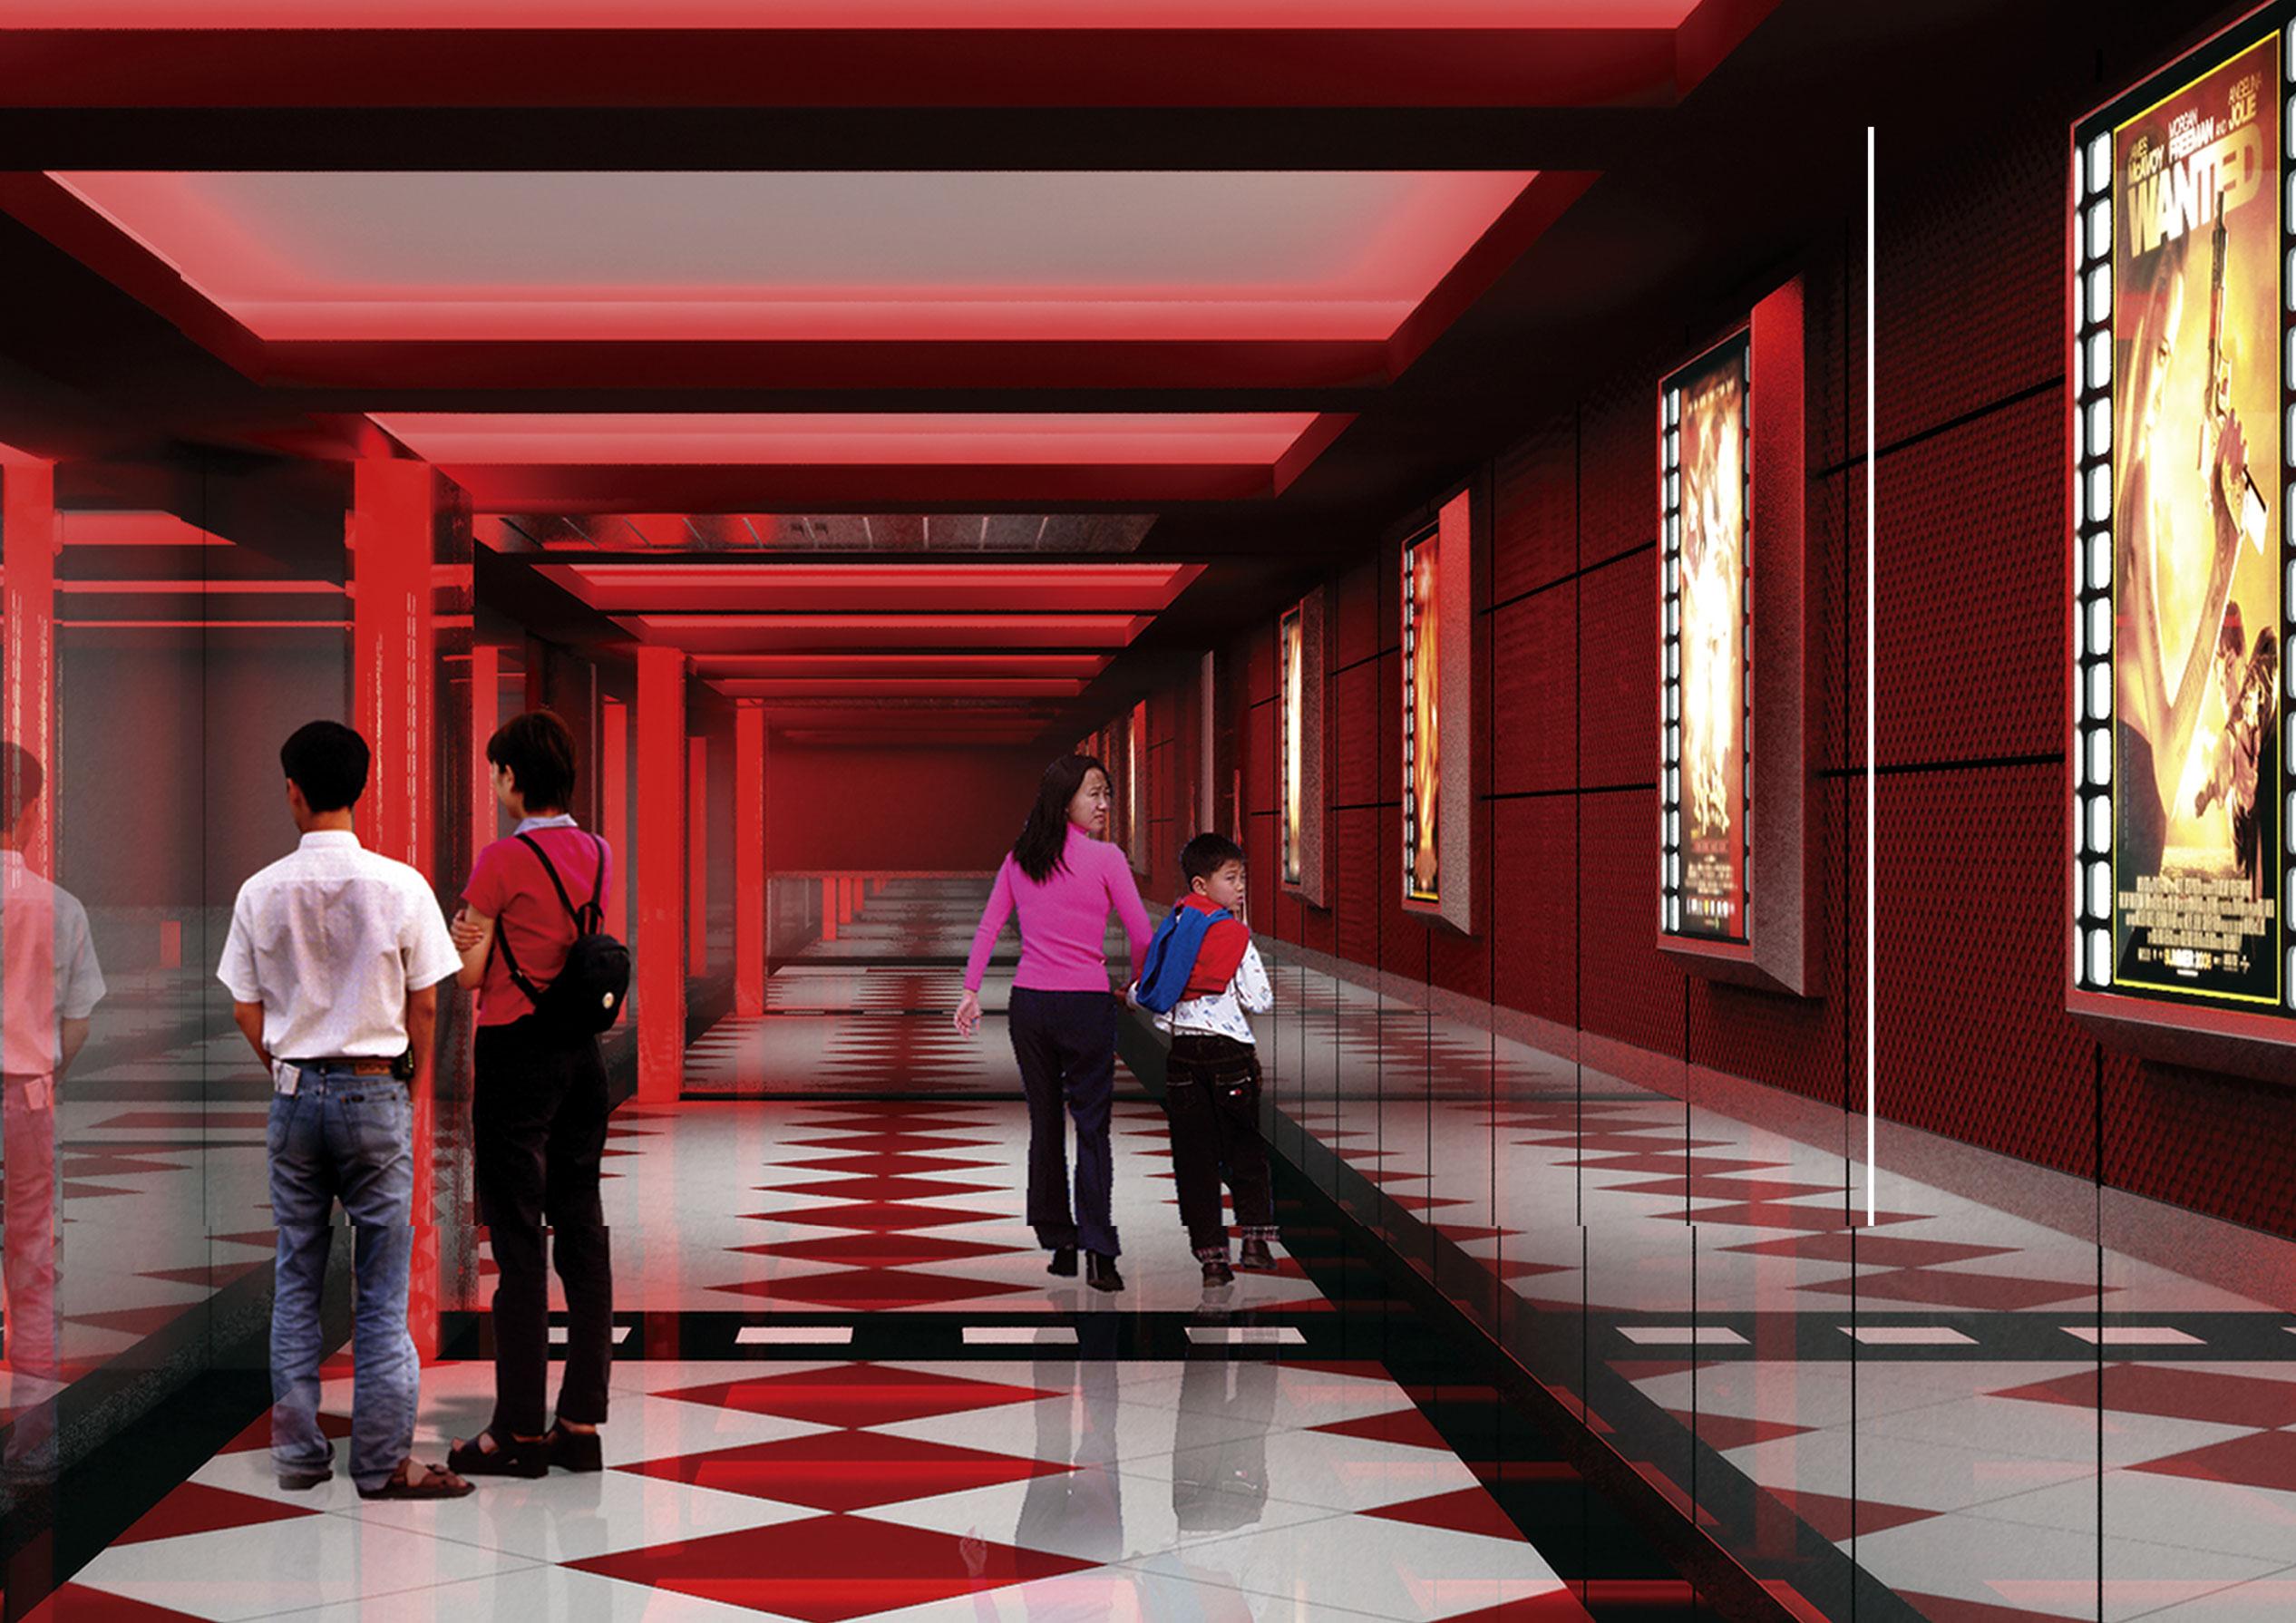 SRS Cinemas, Aditya Mall, Indirapuiram, Ghaziabad